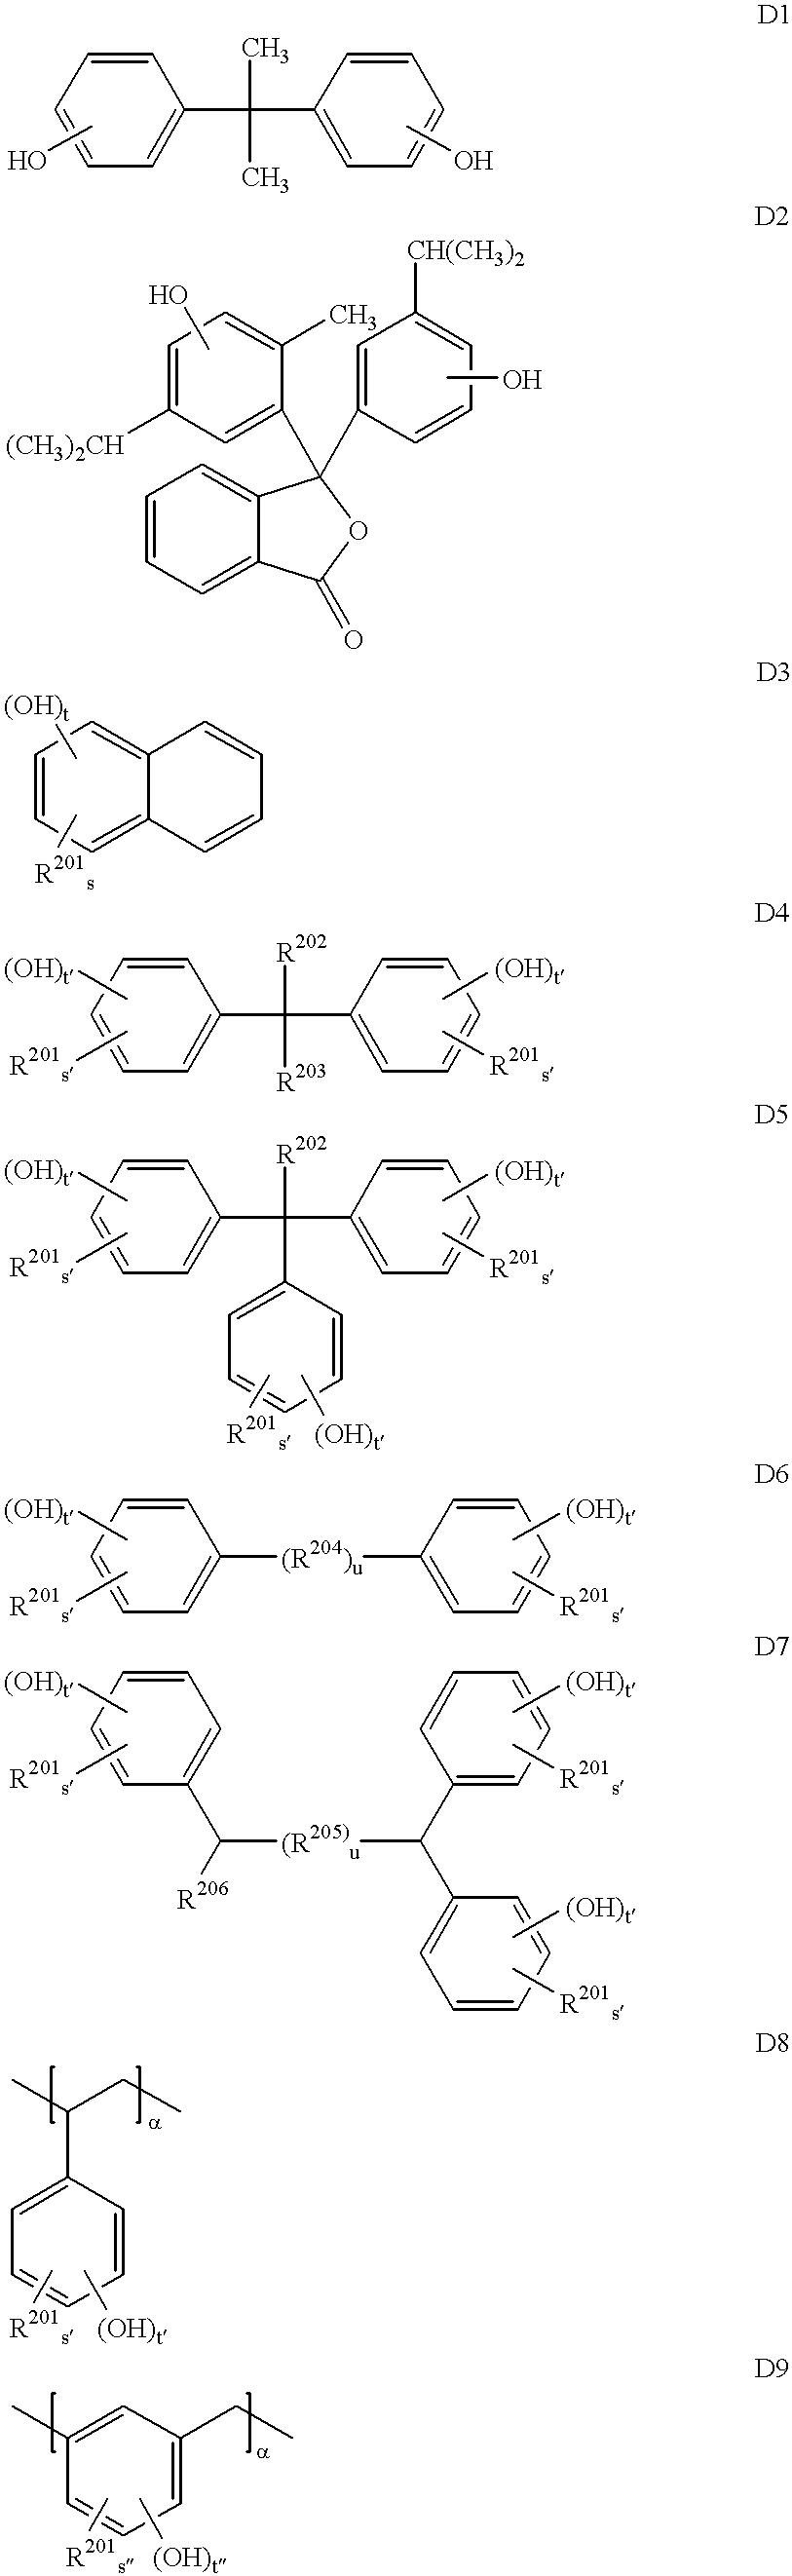 Figure US20010033990A1-20011025-C00019